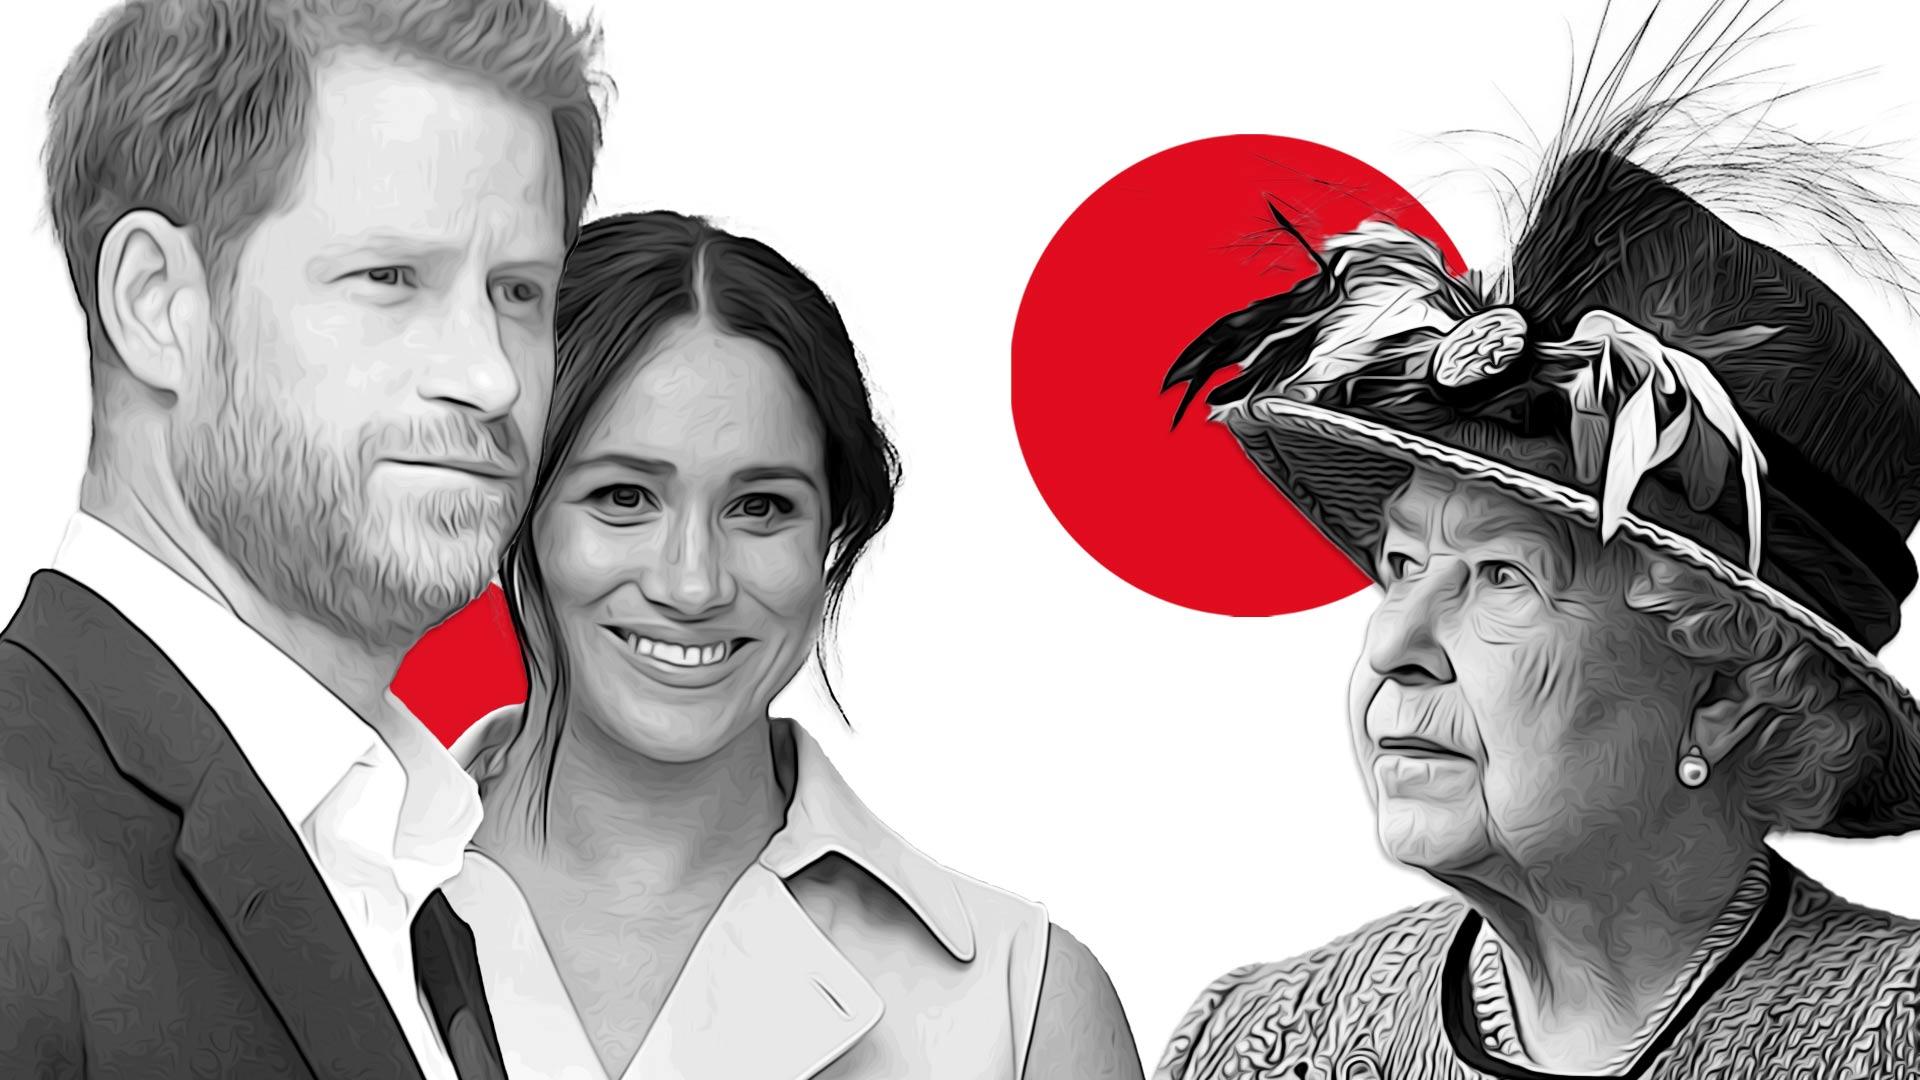 Royal Family, la gestione della crisi analizzata dagli esperti italiani